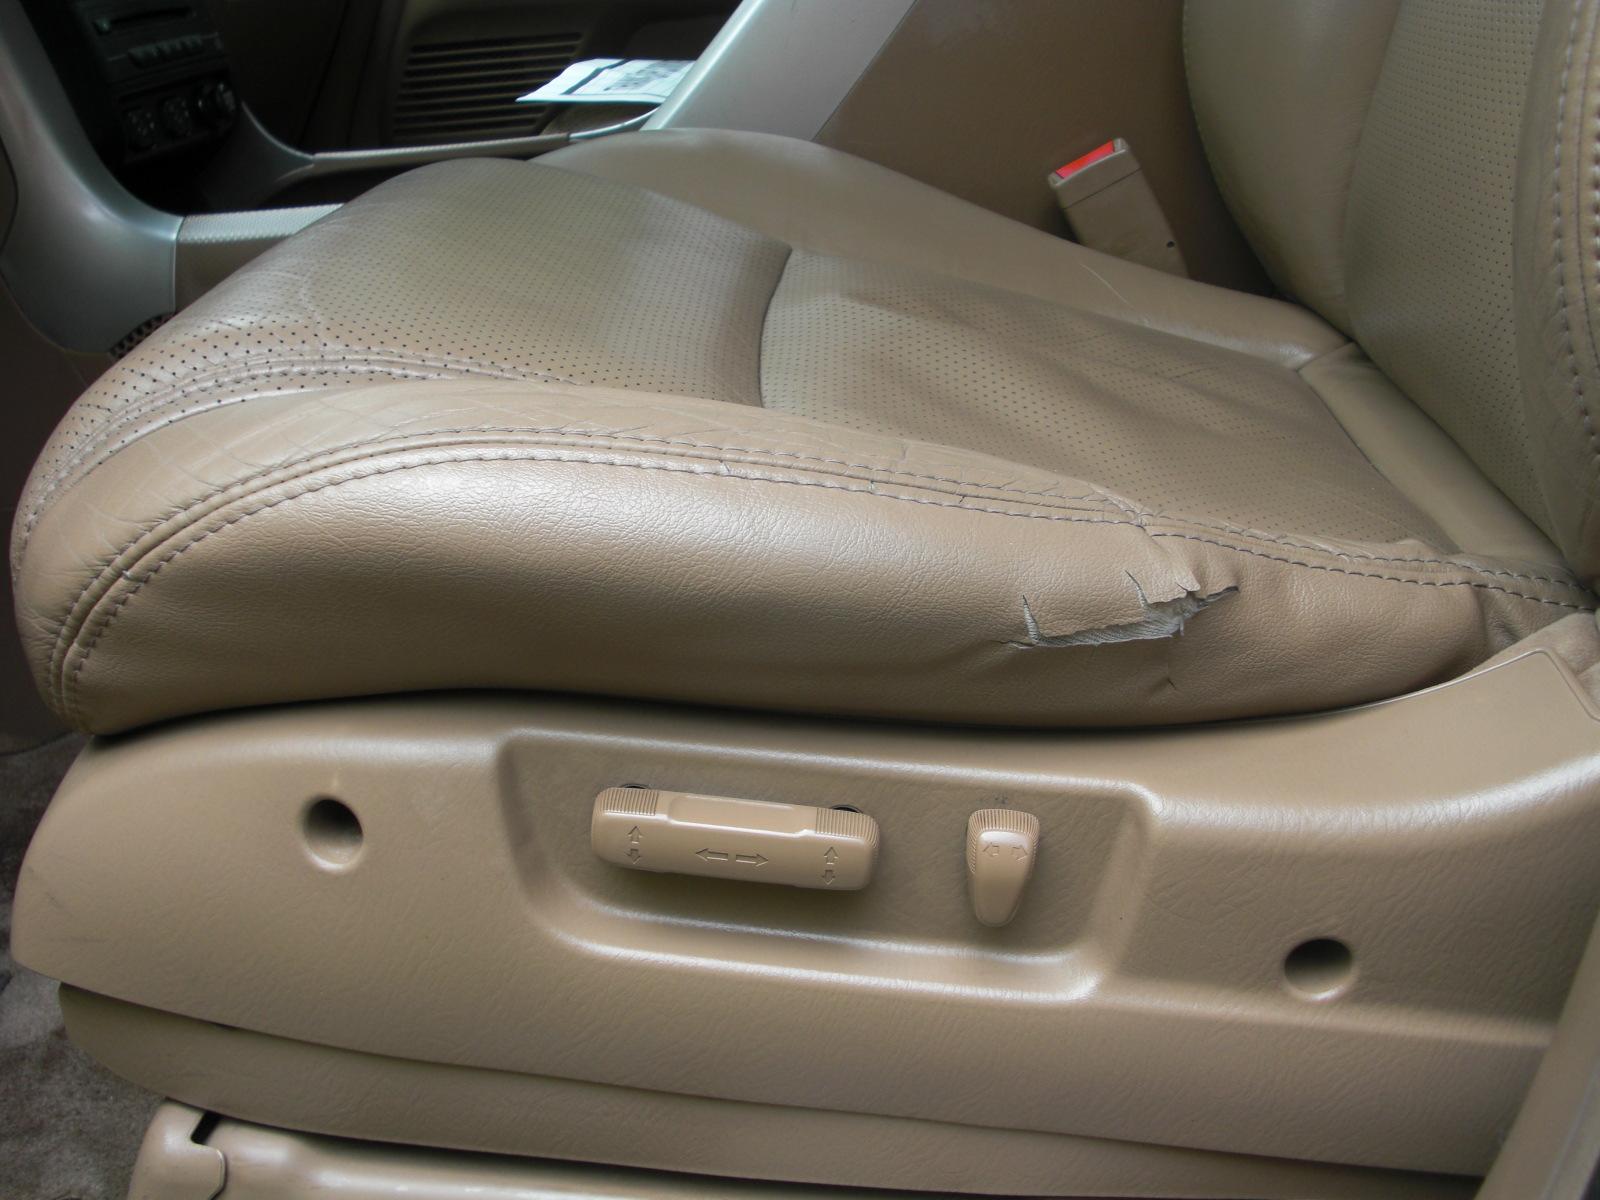 2005 Honda Pilot EX-L: Front Seats